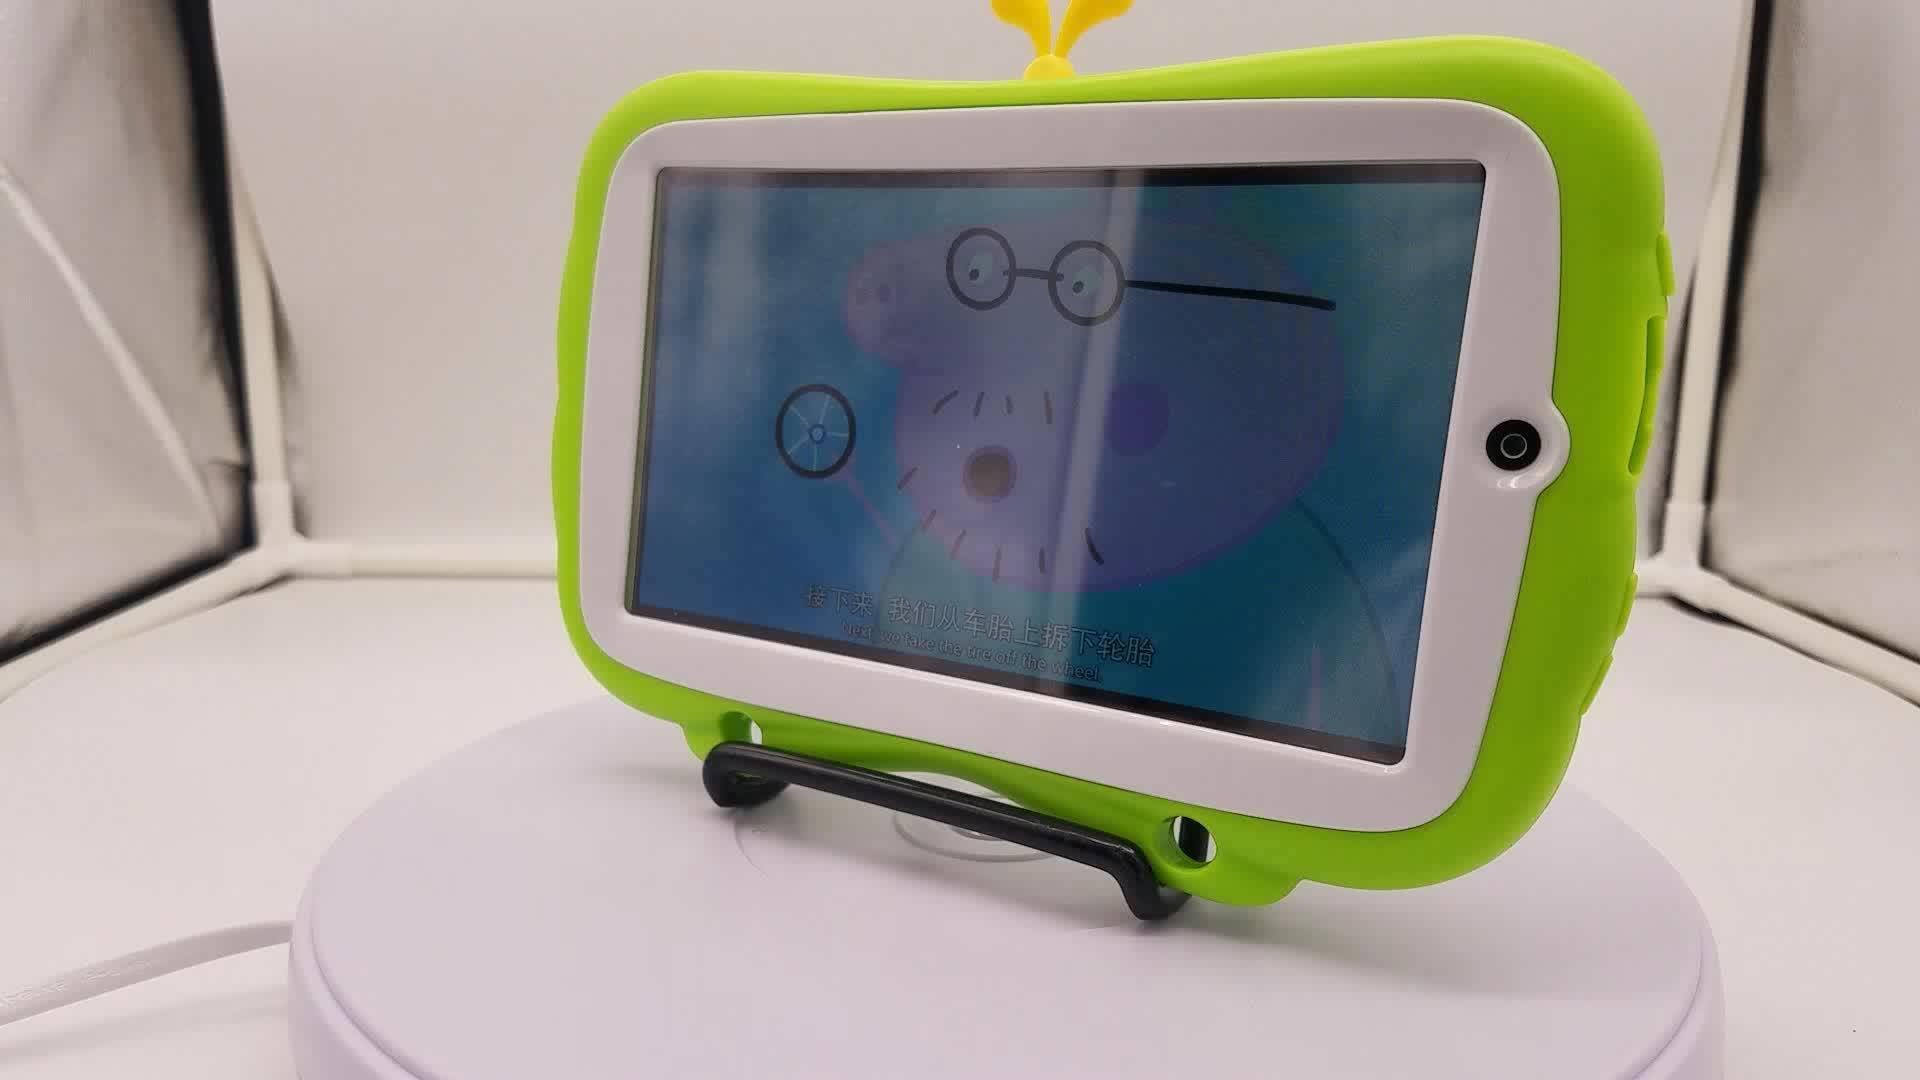 교육 정 pc 대 한 kids 어린이, 학생들의 어린이 아이 baby school 학생들의 study 학습 안드로이드 태블릿 7 인치